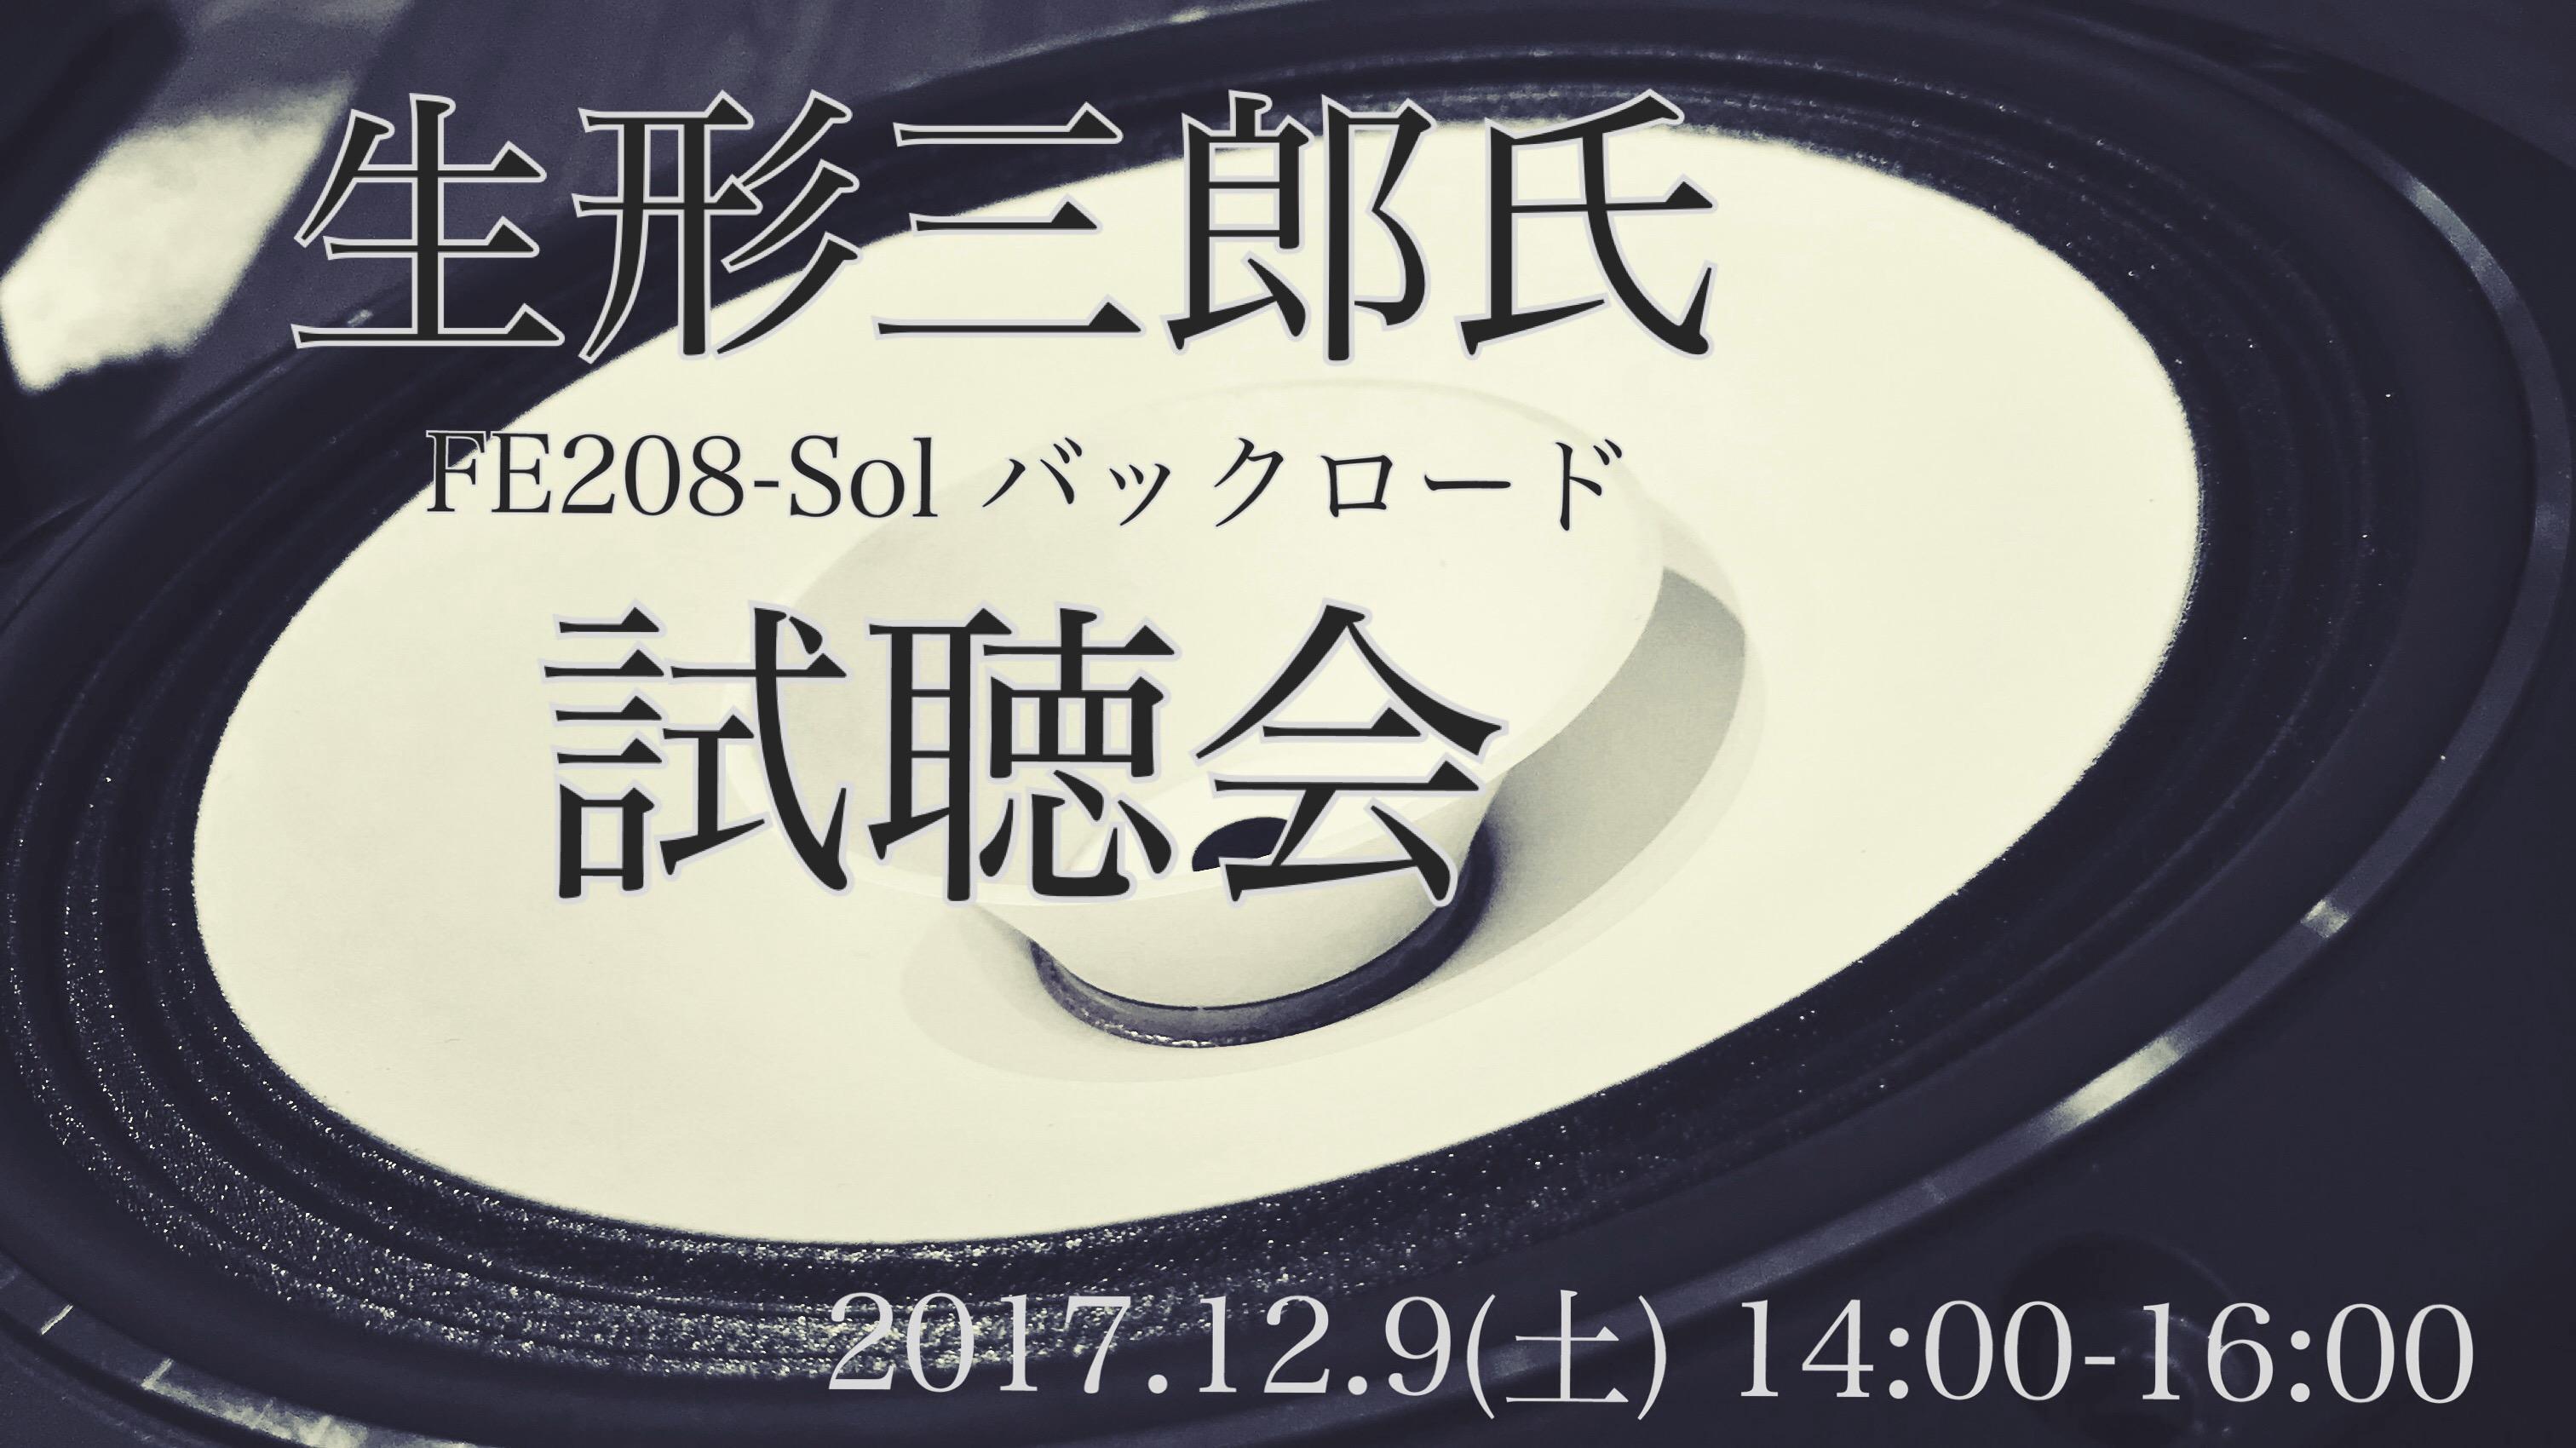 生形三郎氏 FE208-Sol バックロード試聴会 開催